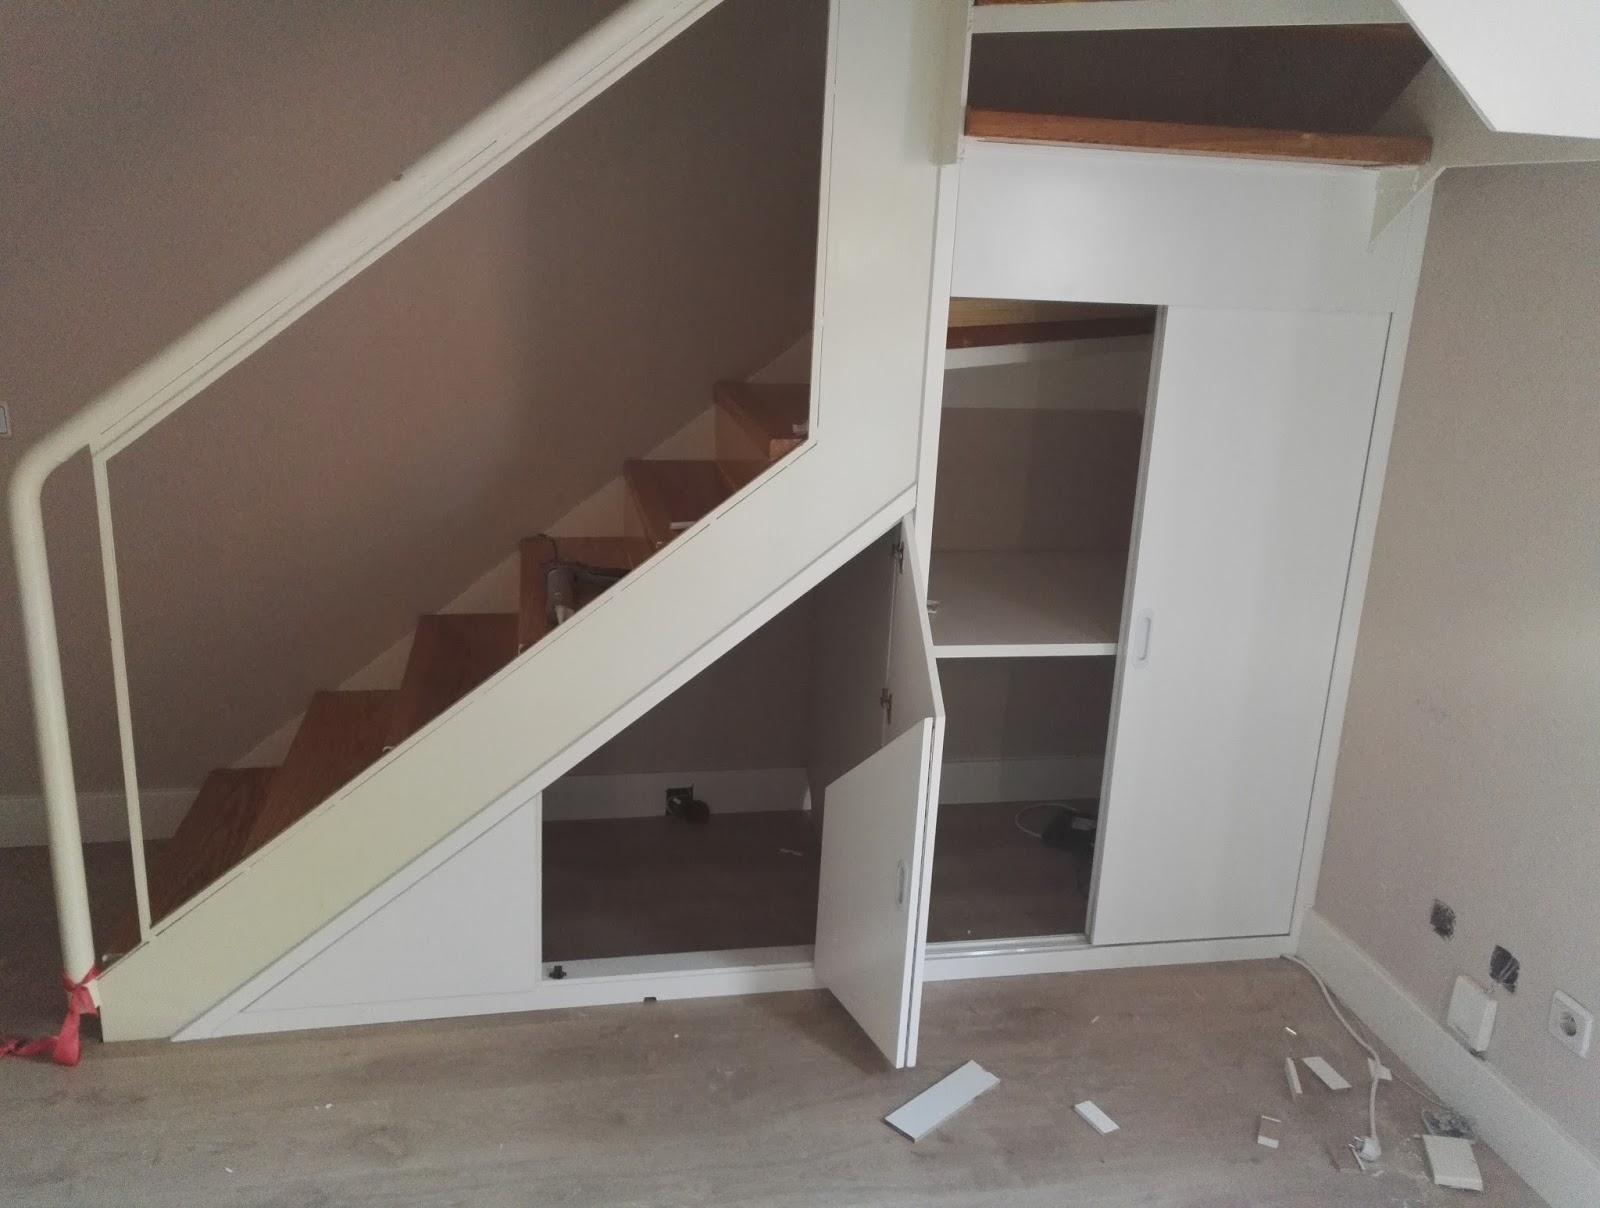 Muebles a medida frente armario bajo escalera lacado en - Armario bajo escalera ...